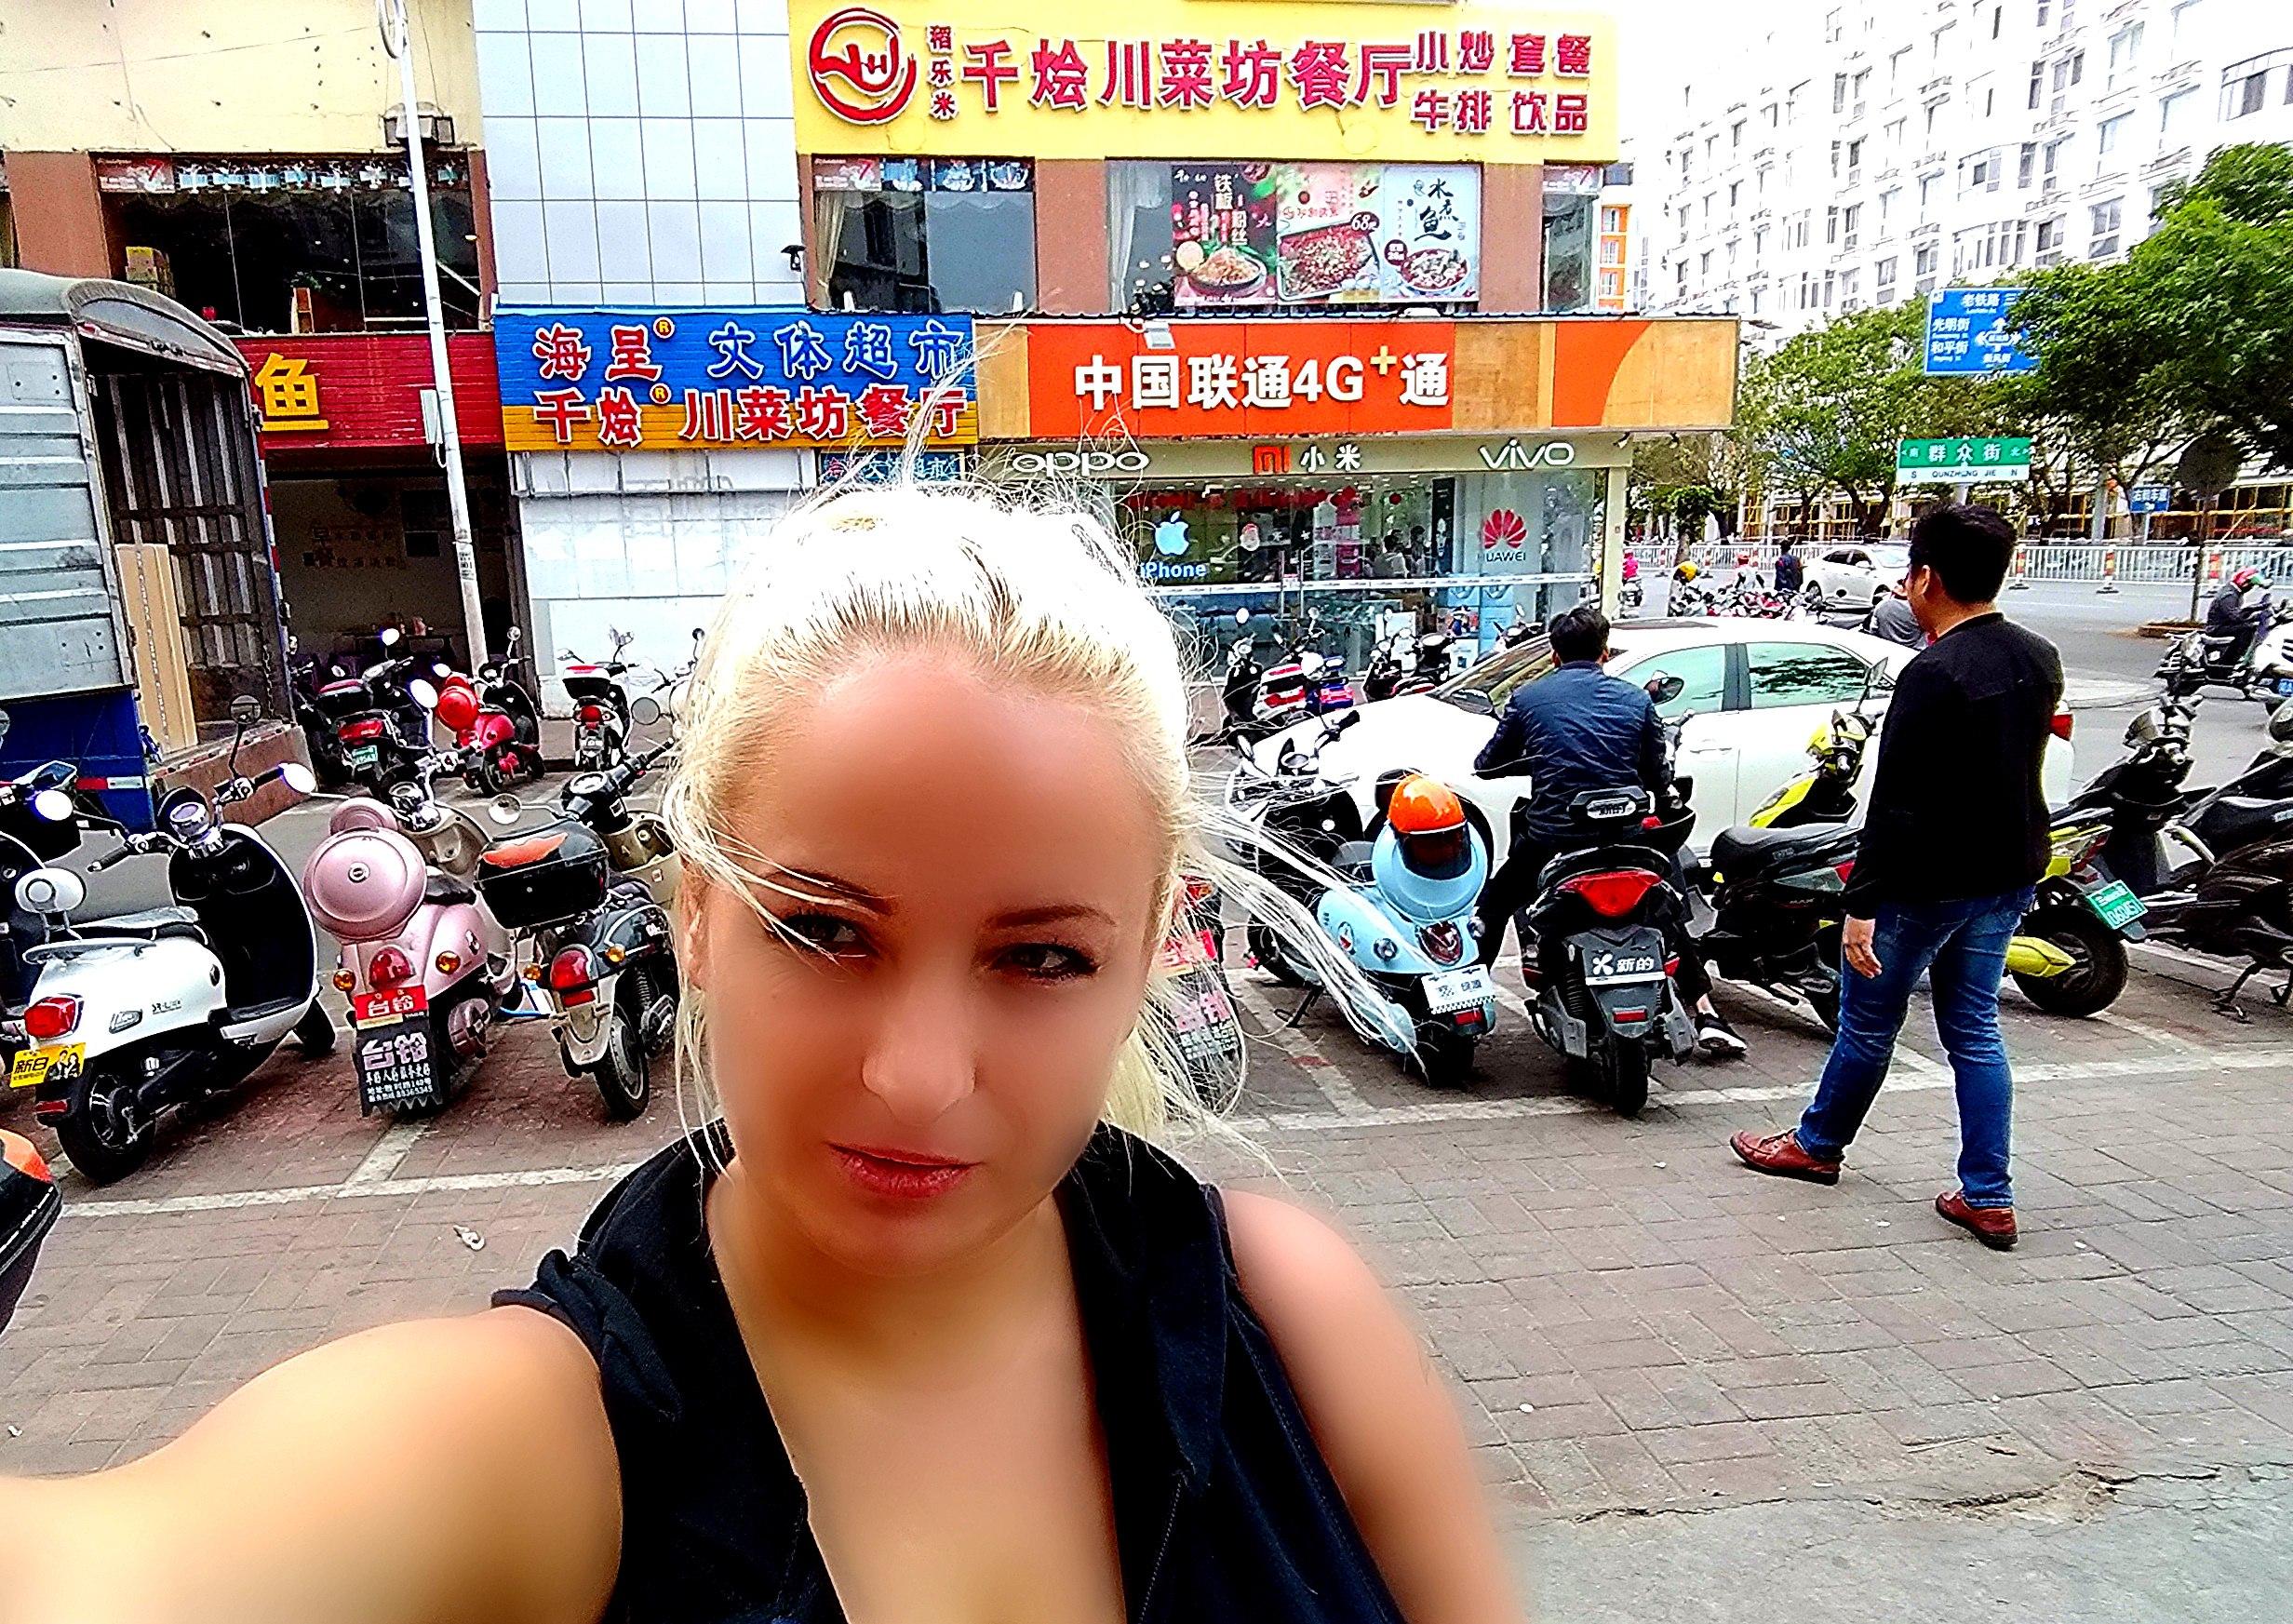 никосия - Елена Руденко. Мои путешествия (фото/видео) - Страница 3 1oPjrJZT_1A